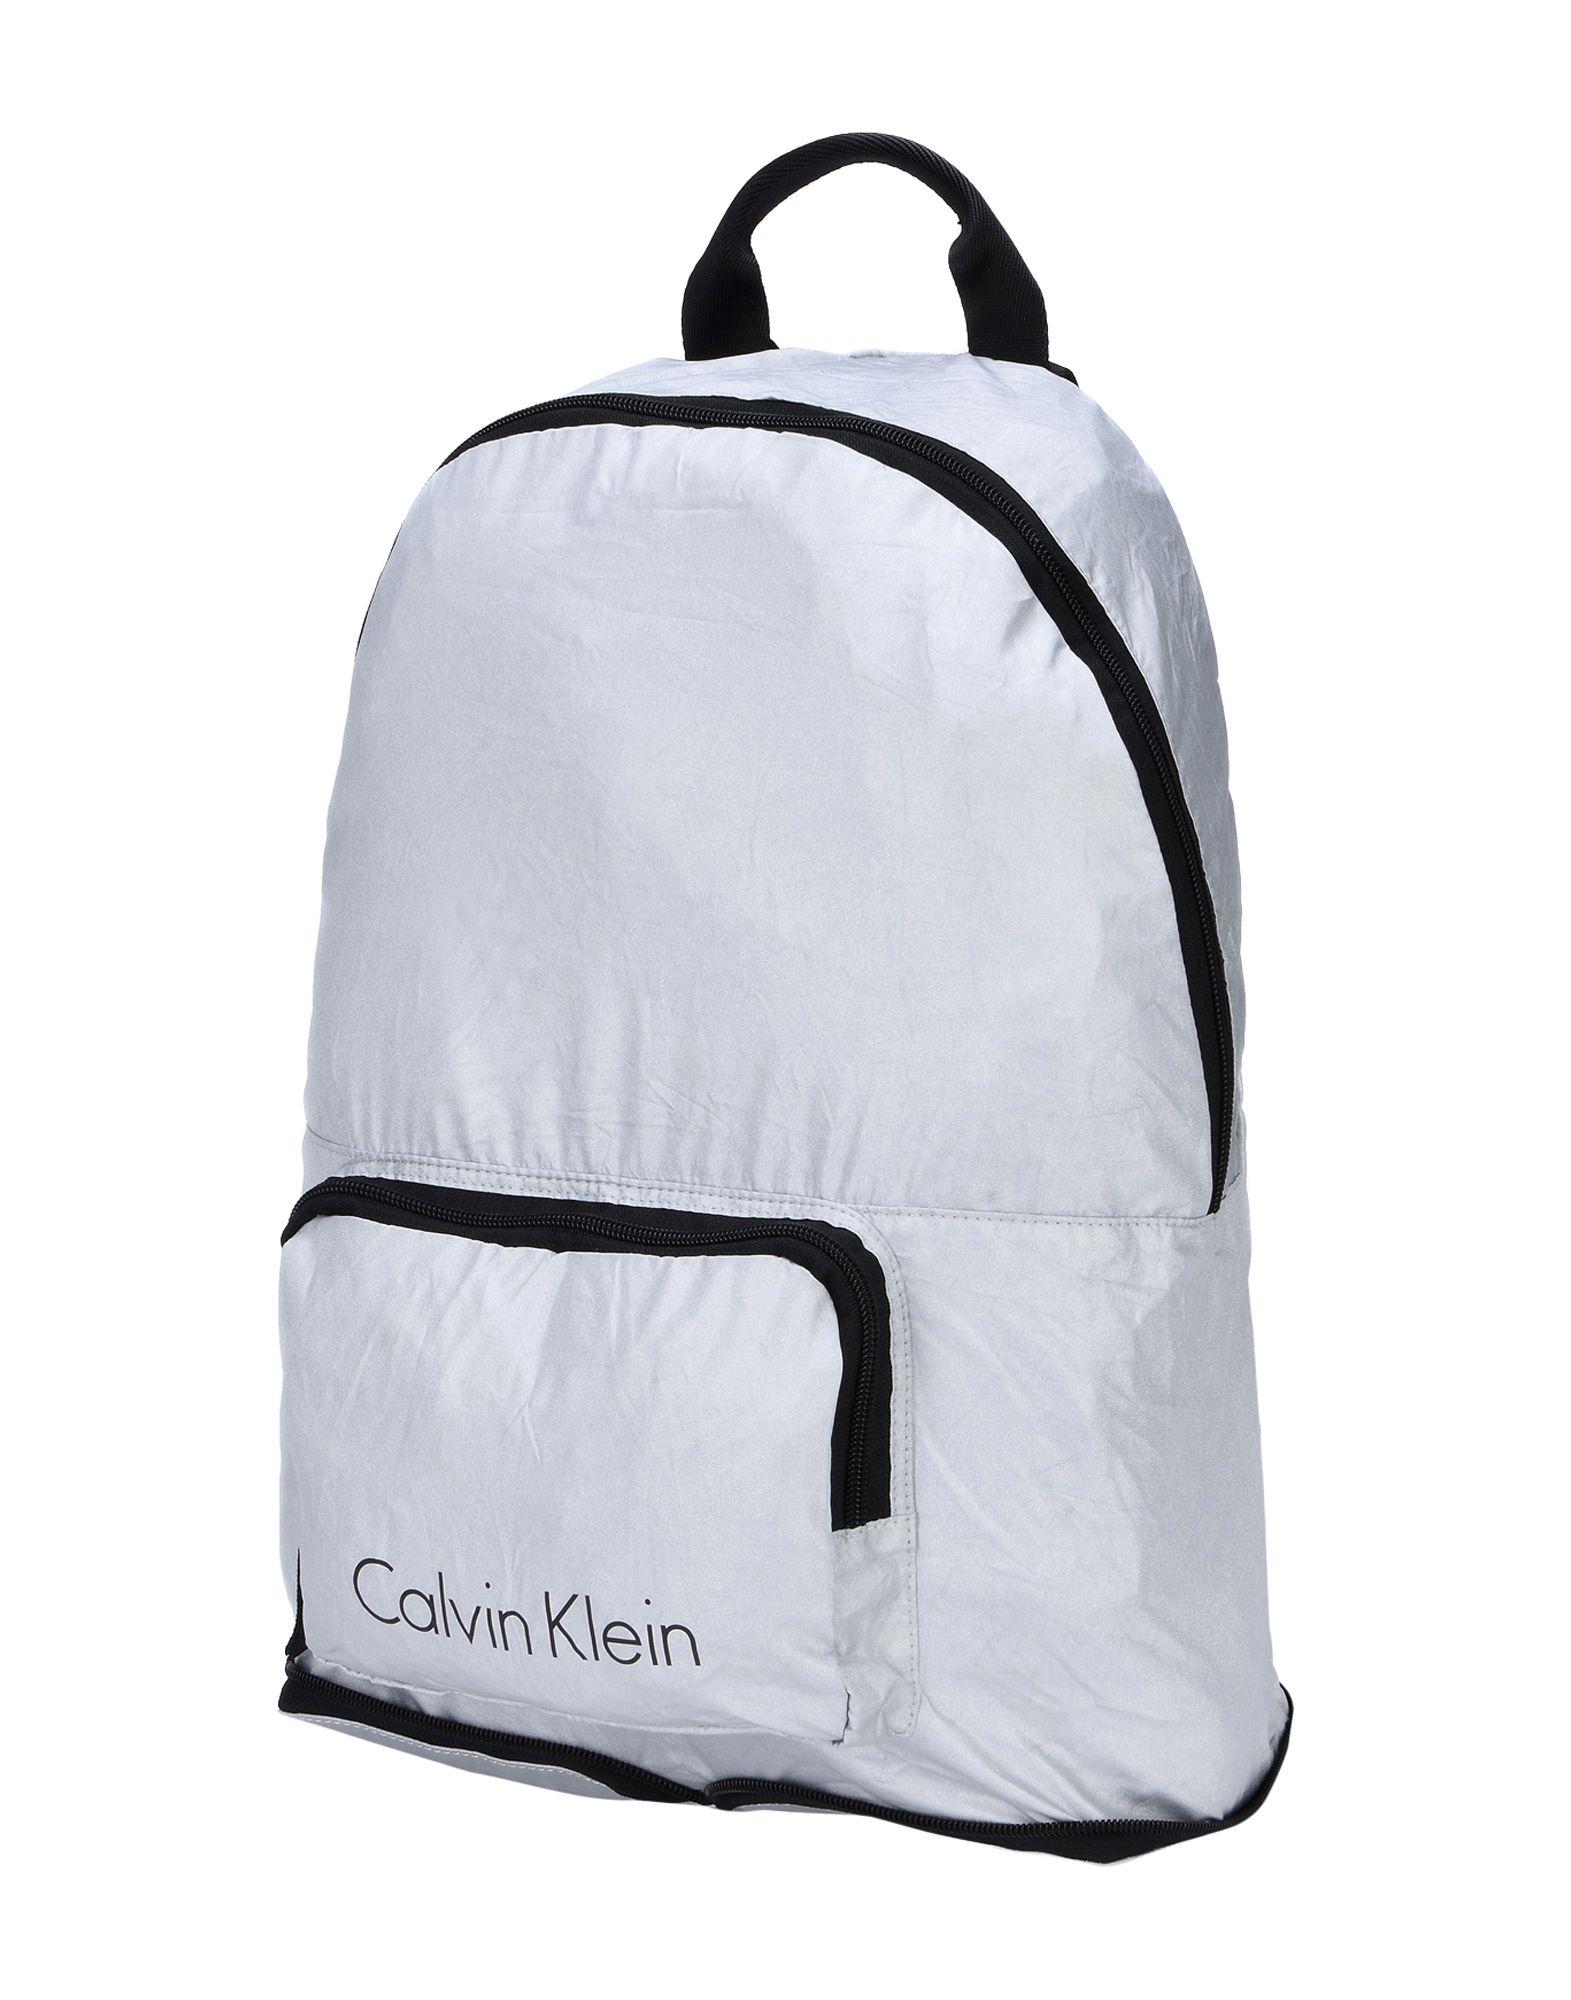 CALVIN KLEIN Рюкзаки и сумки на пояс мужские сумки